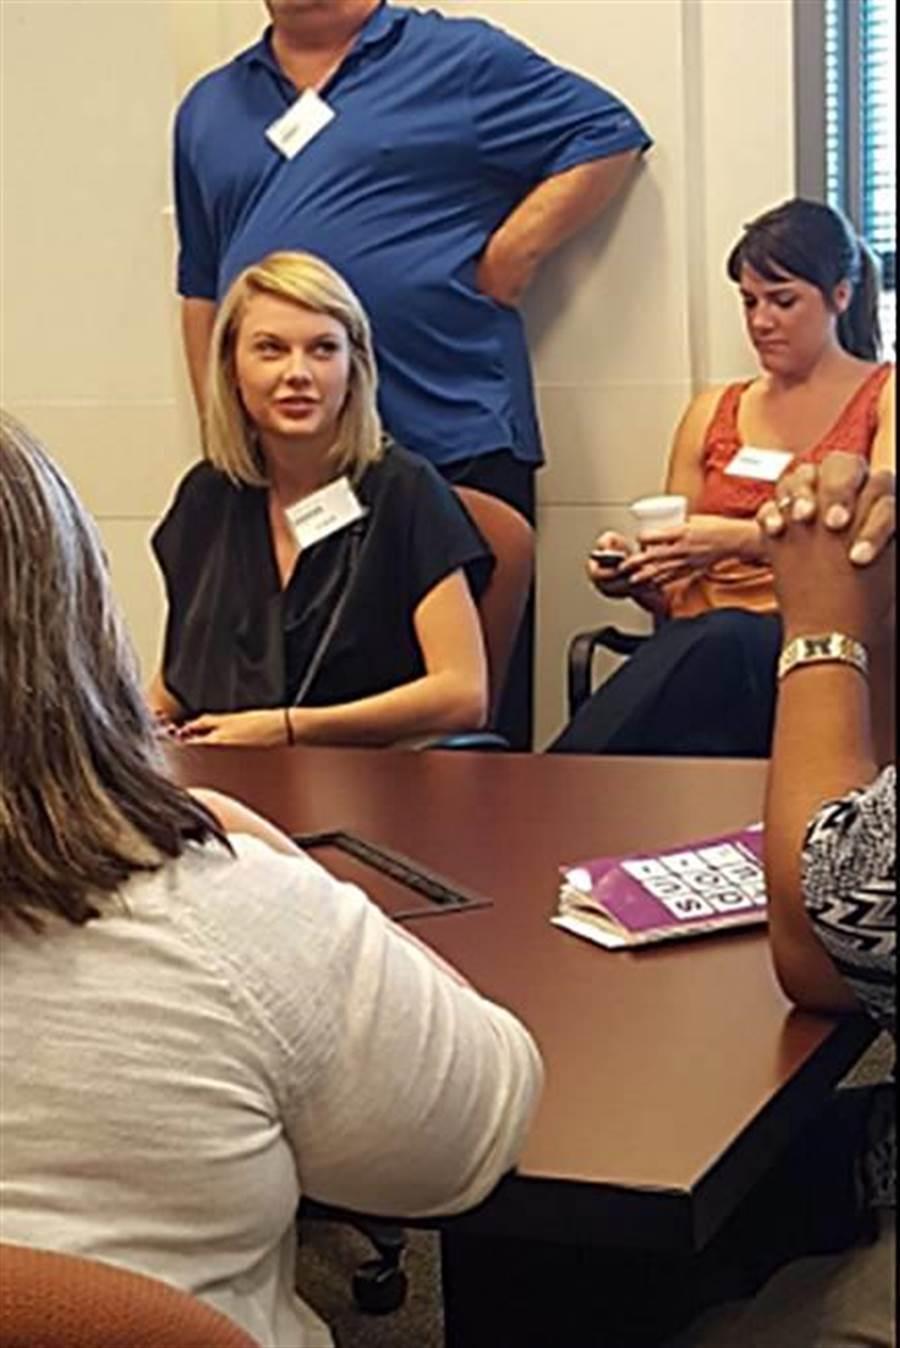 泰勒絲擔任陪審員,被同行民眾拍照。(圖/翻攝推特)